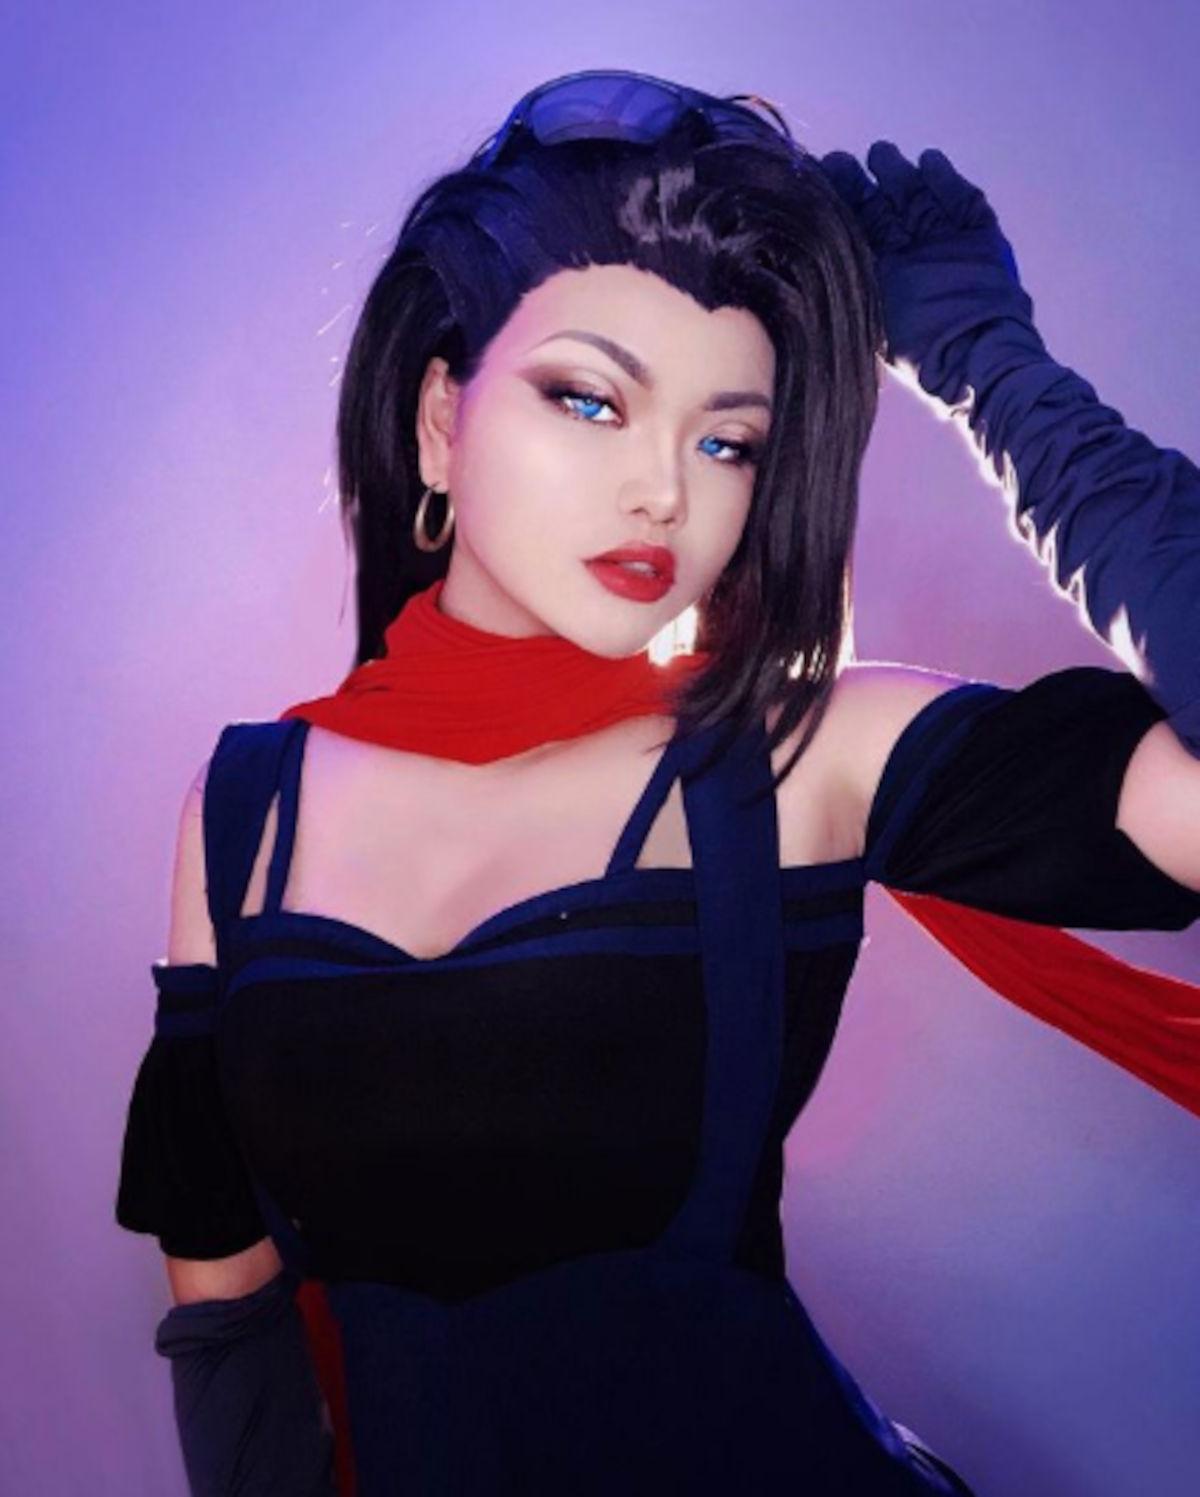 Lisa Lisa de JoJo's Bizarre Adventure consigue un nuevo cosplay